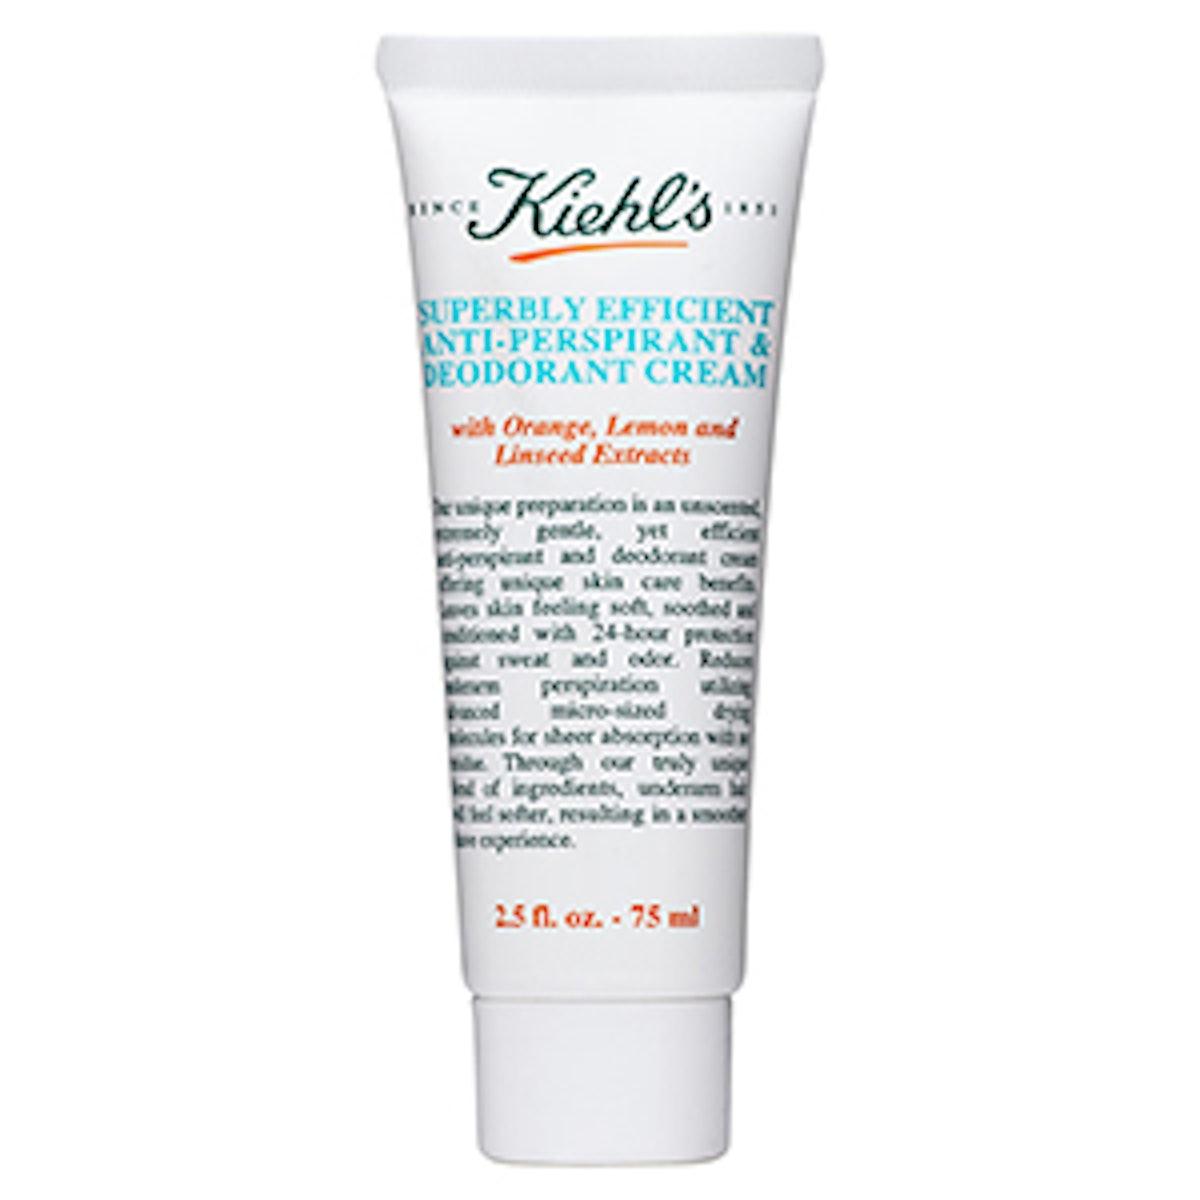 Anti-Perspirant & Deodorant Cream